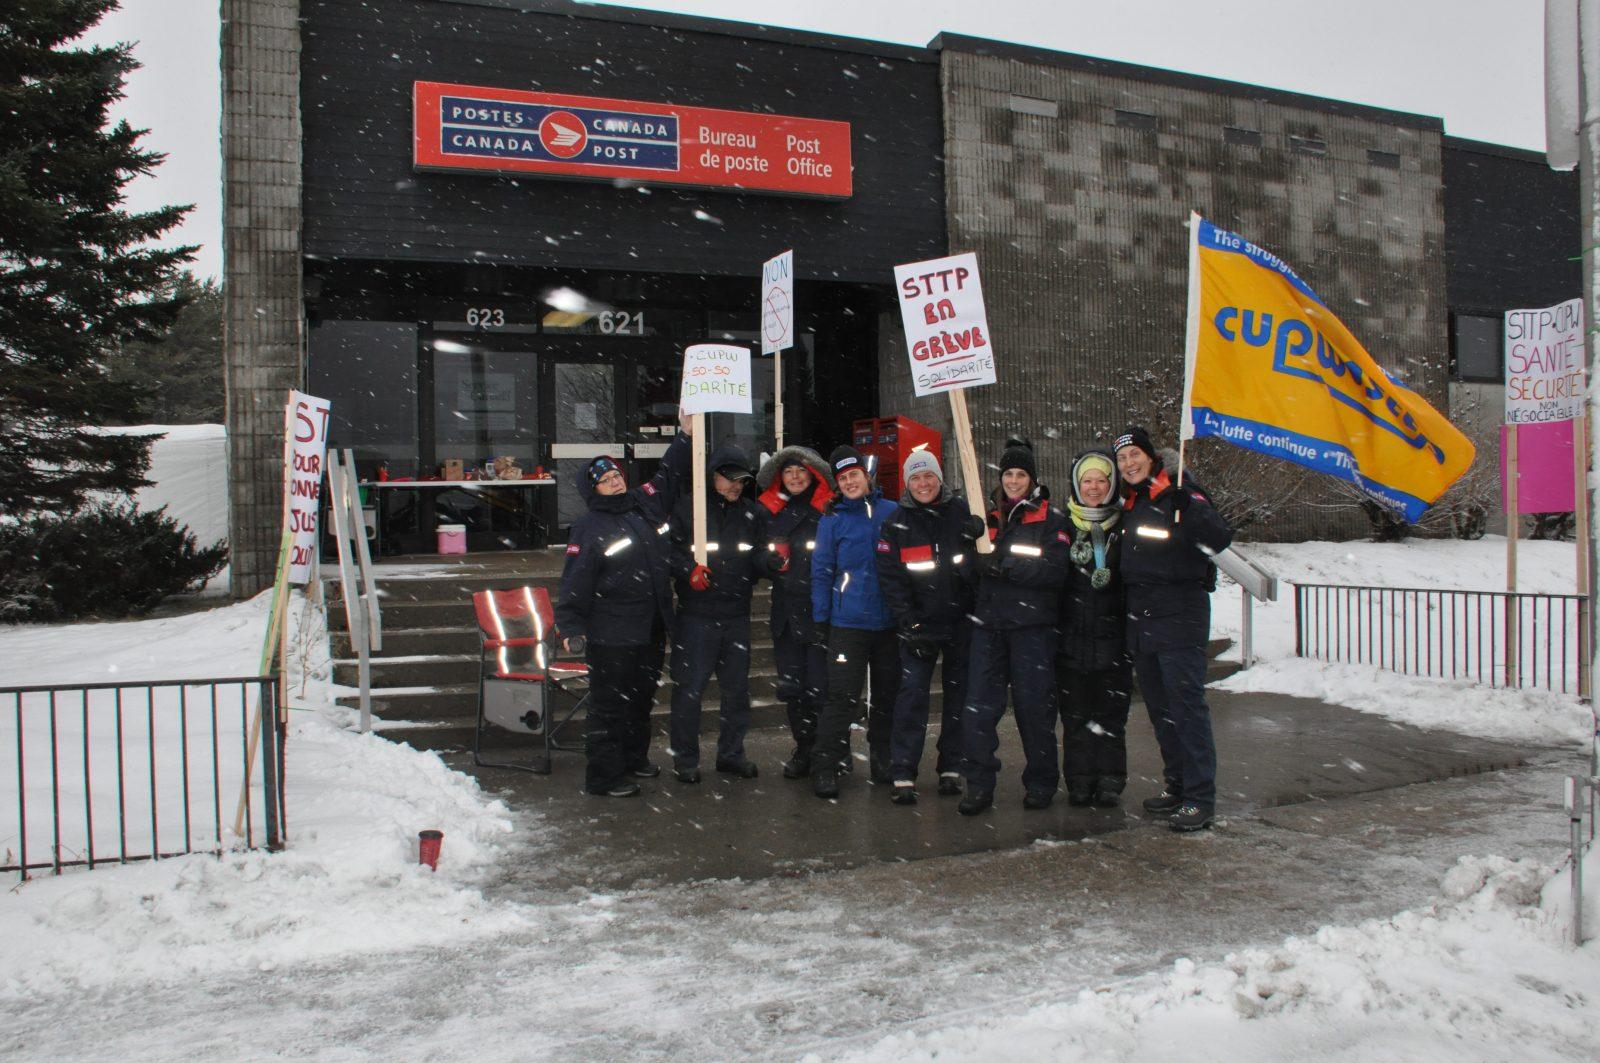 Le bureau de poste de Chibougamau est en grève